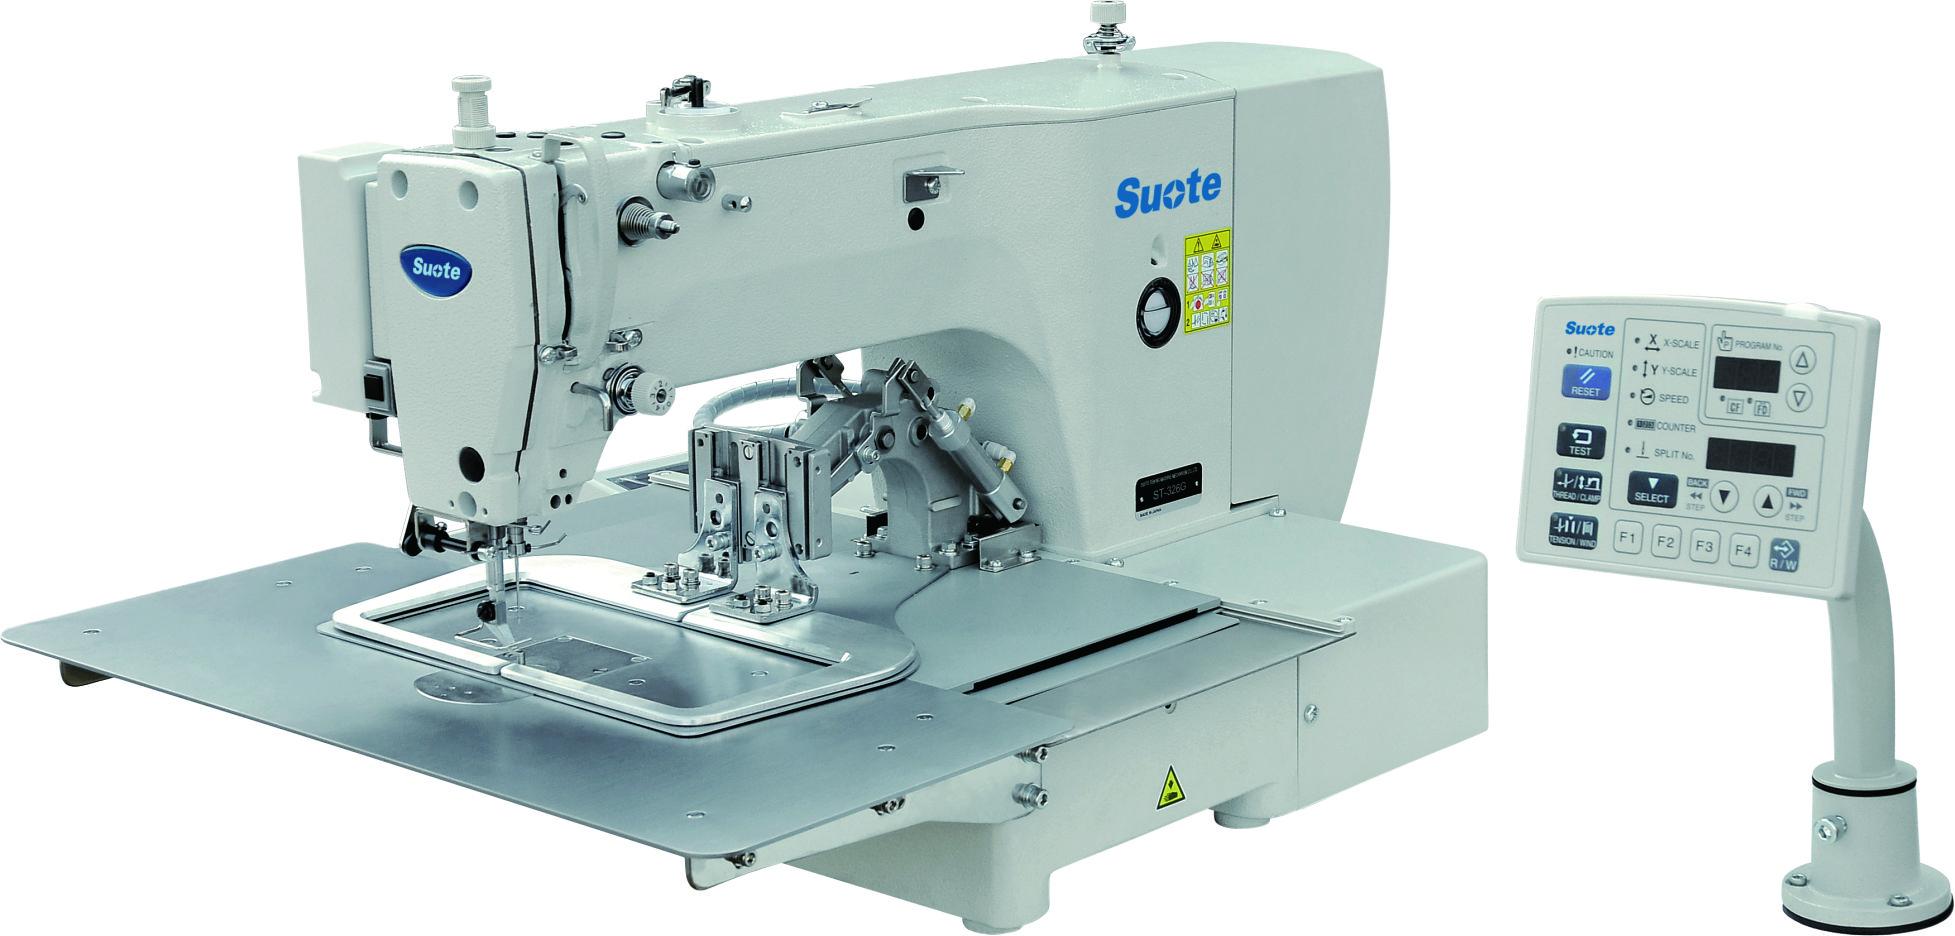 Πώς να επιλέξετε μια βιομηχανική ραπτομηχανή